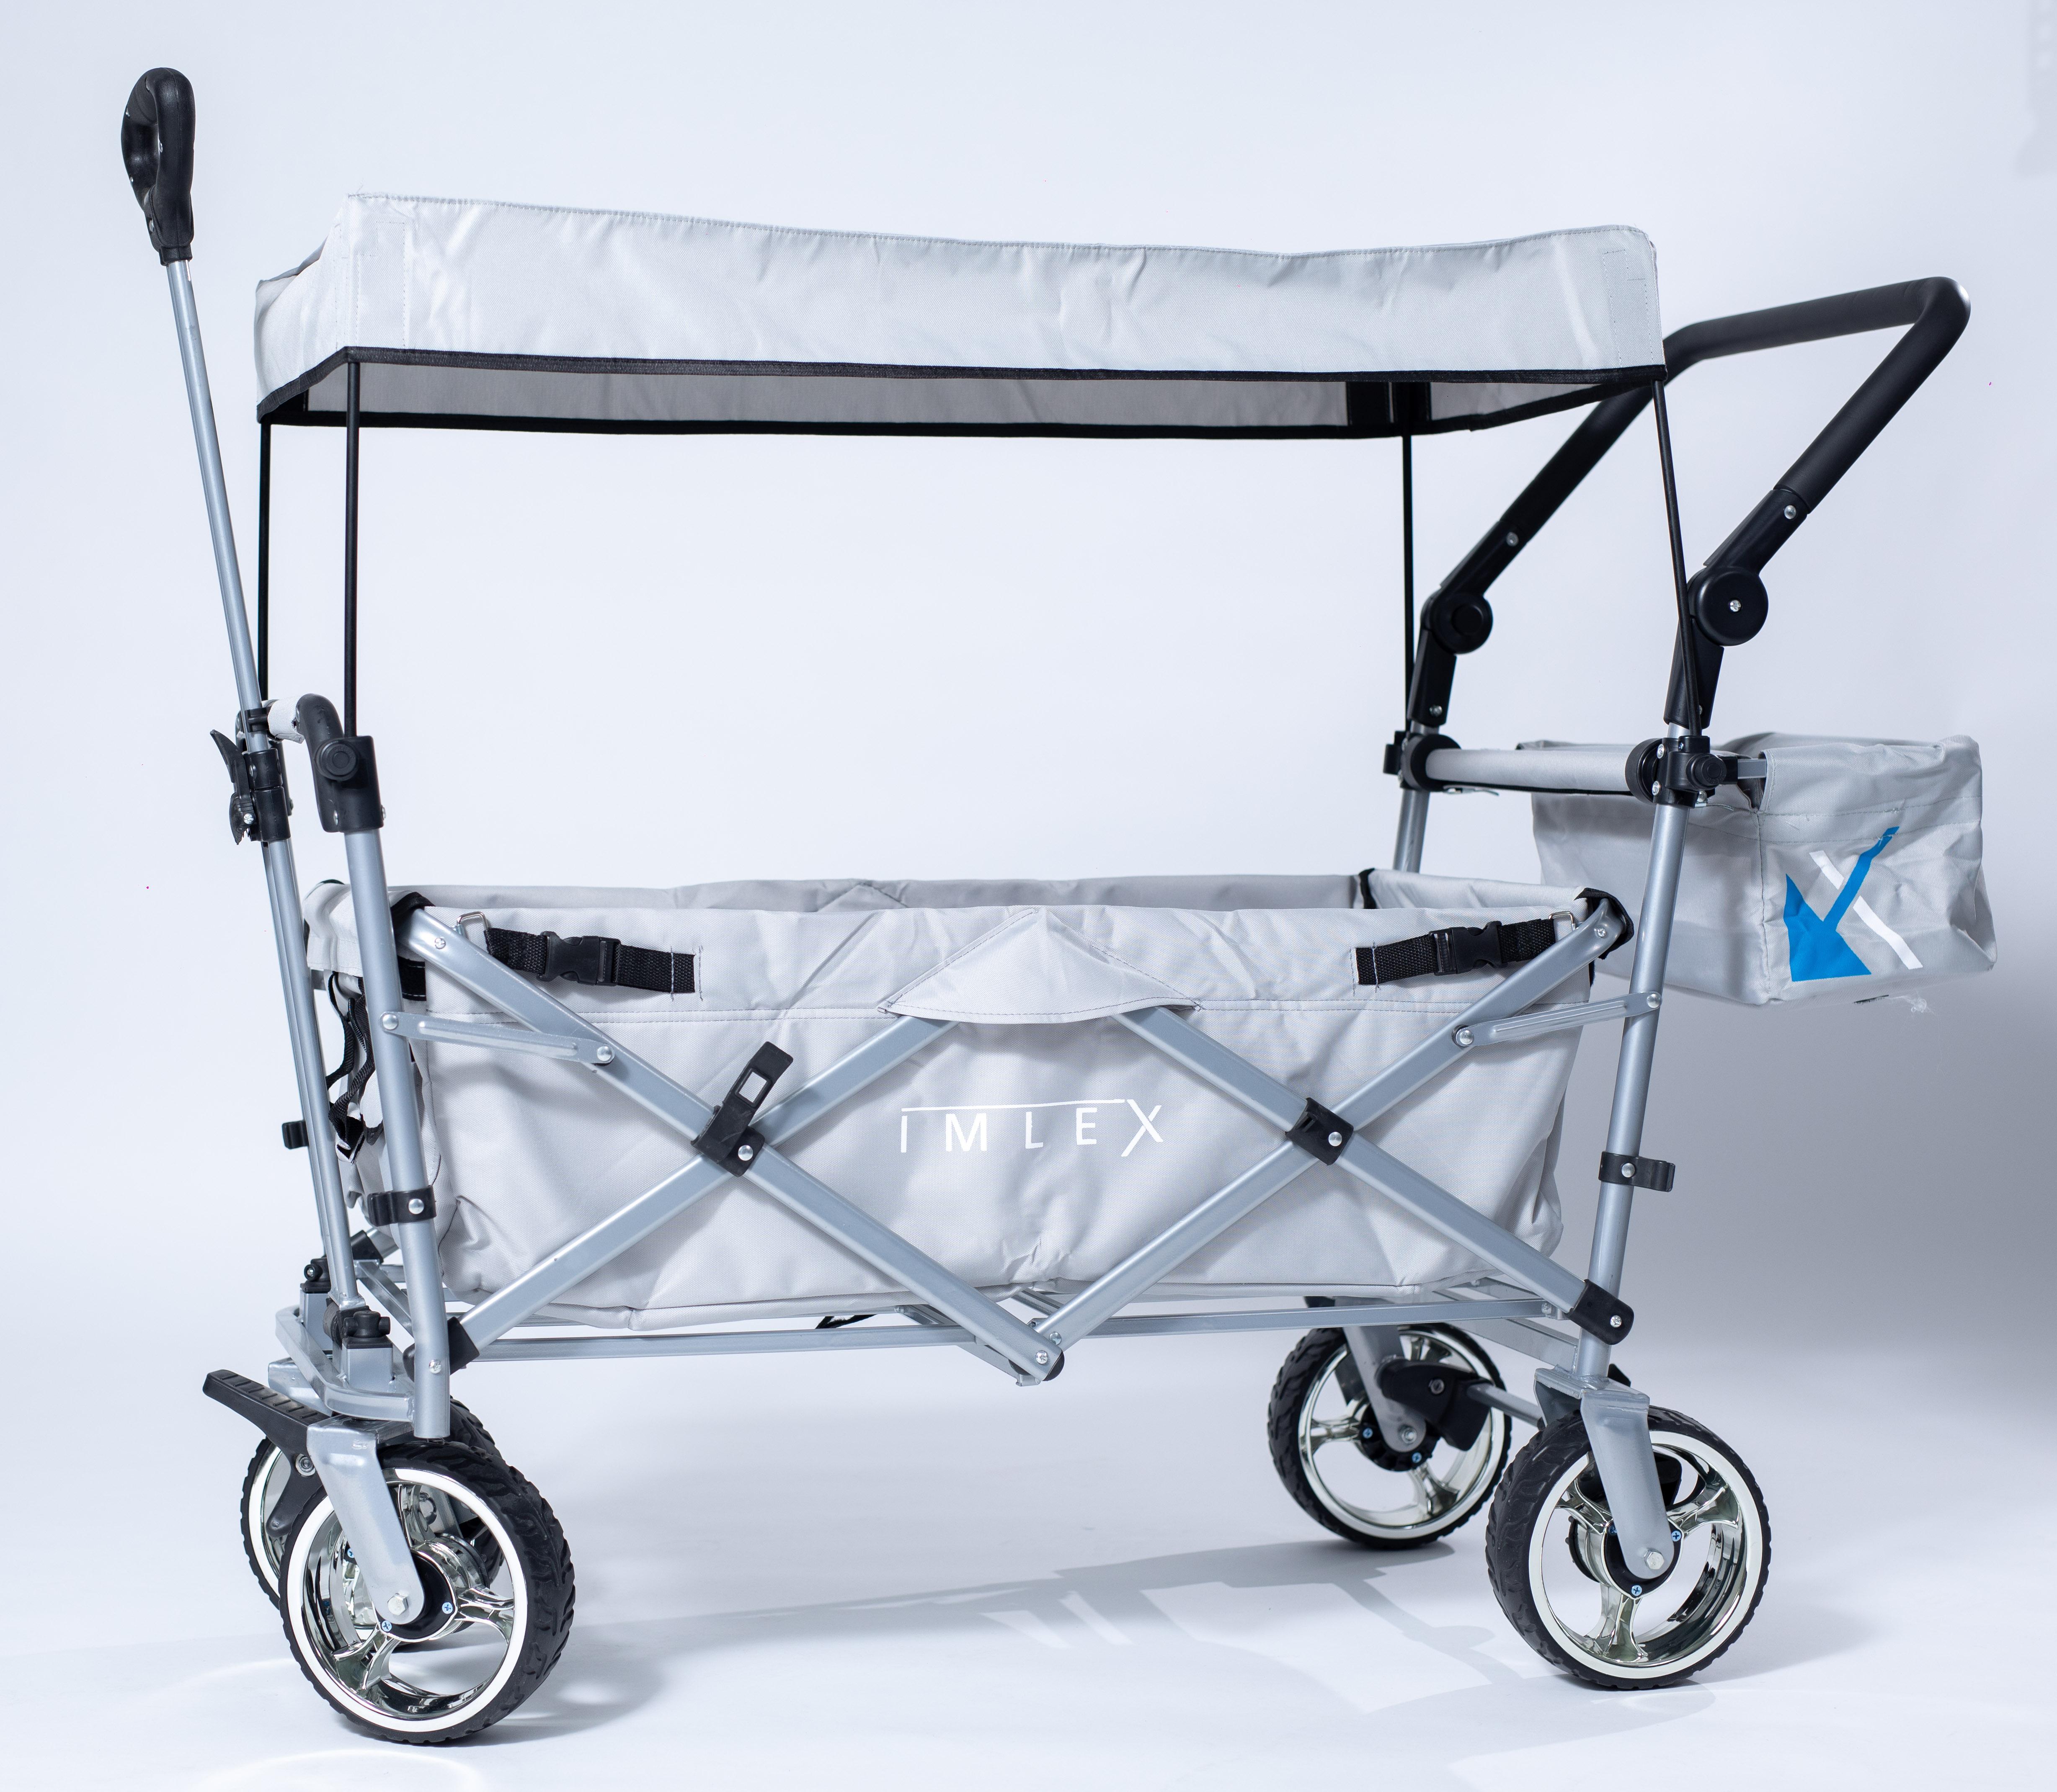 IMLEX-Bollerwagen-IM-4268-Schiebe-u-Zieh-Funktion-Strandwagen-Kinderwagen Indexbild 26